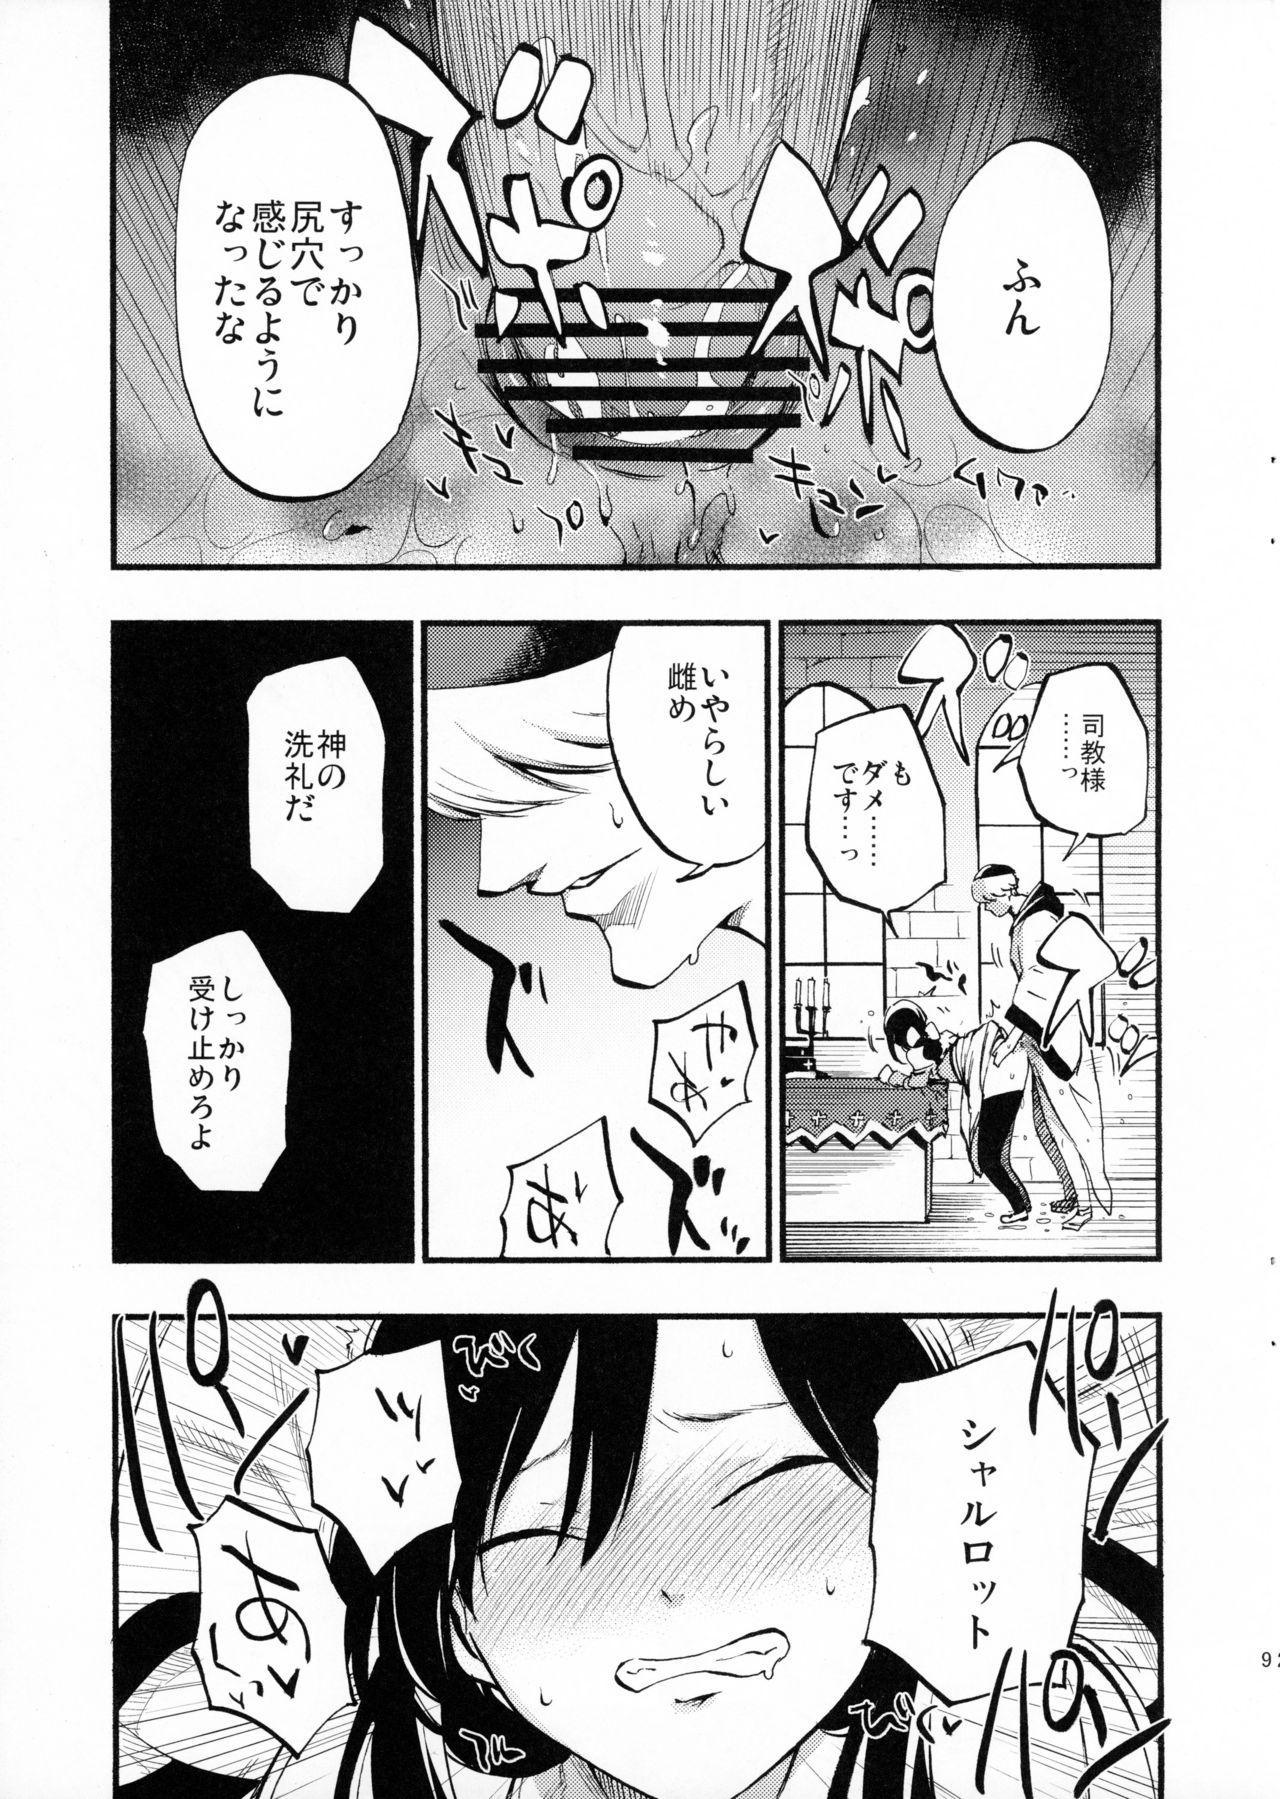 AcoPri Monogatari 7